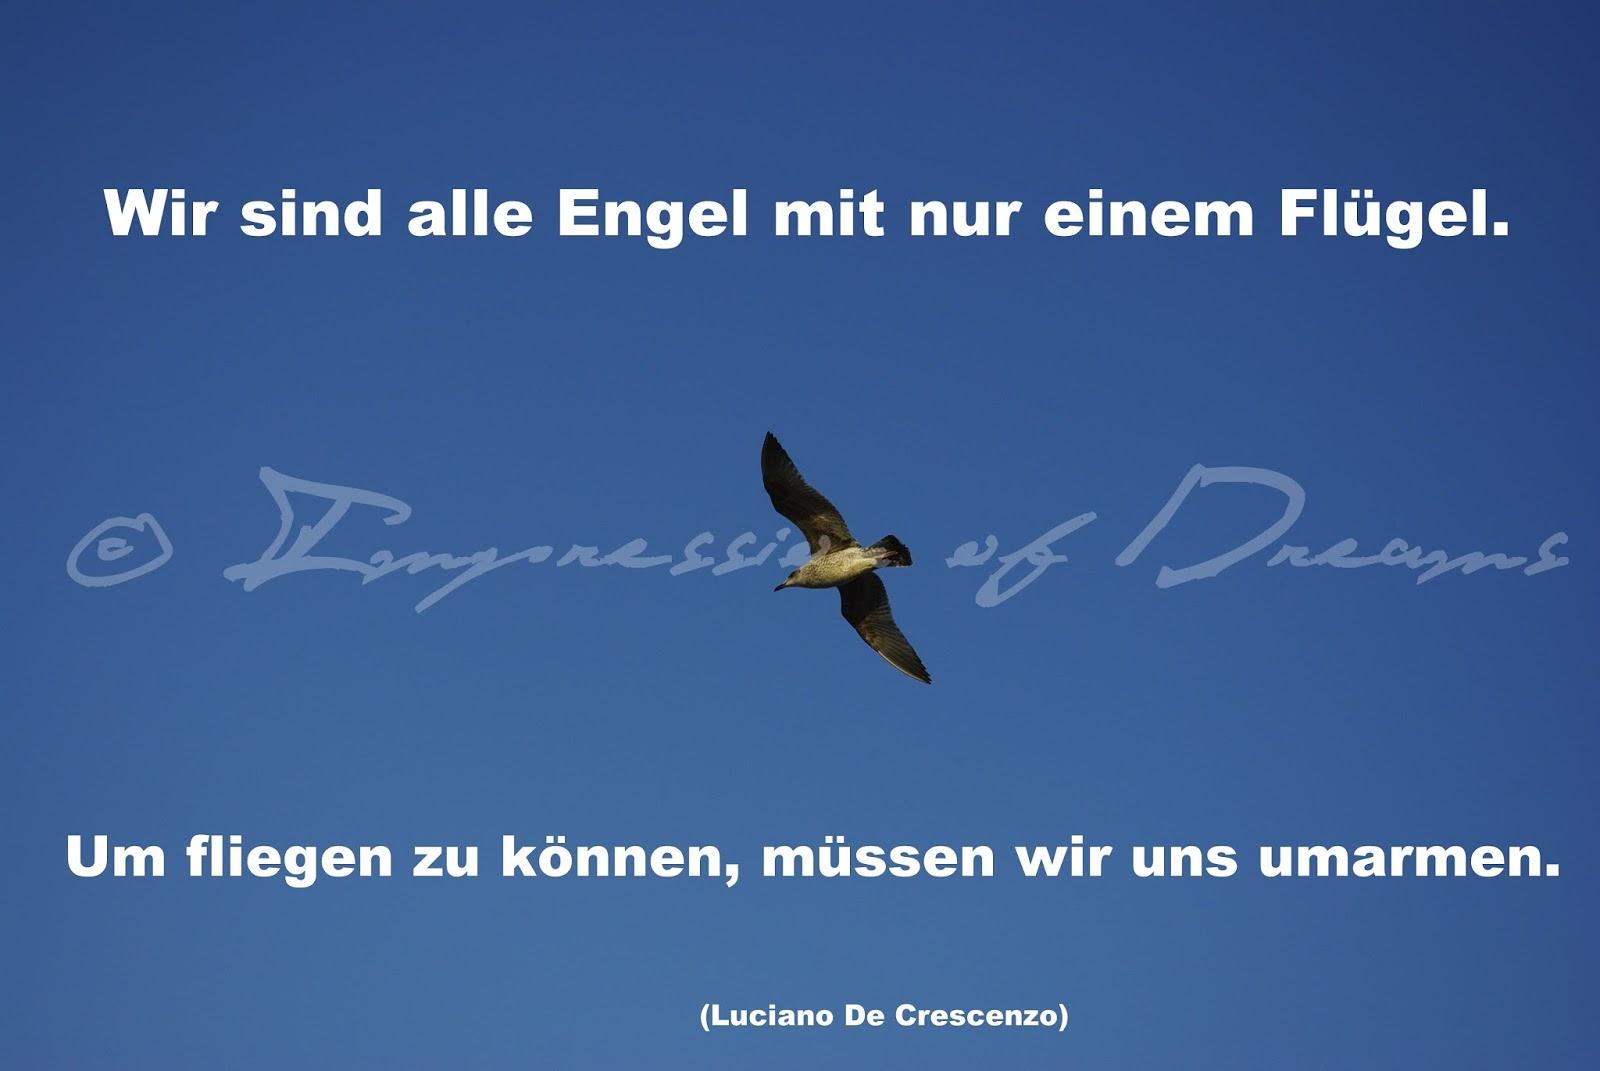 Wir sind alle Engel mit nur einem Flügel. Um fliegen zu können, müssen wir uns umarmen.